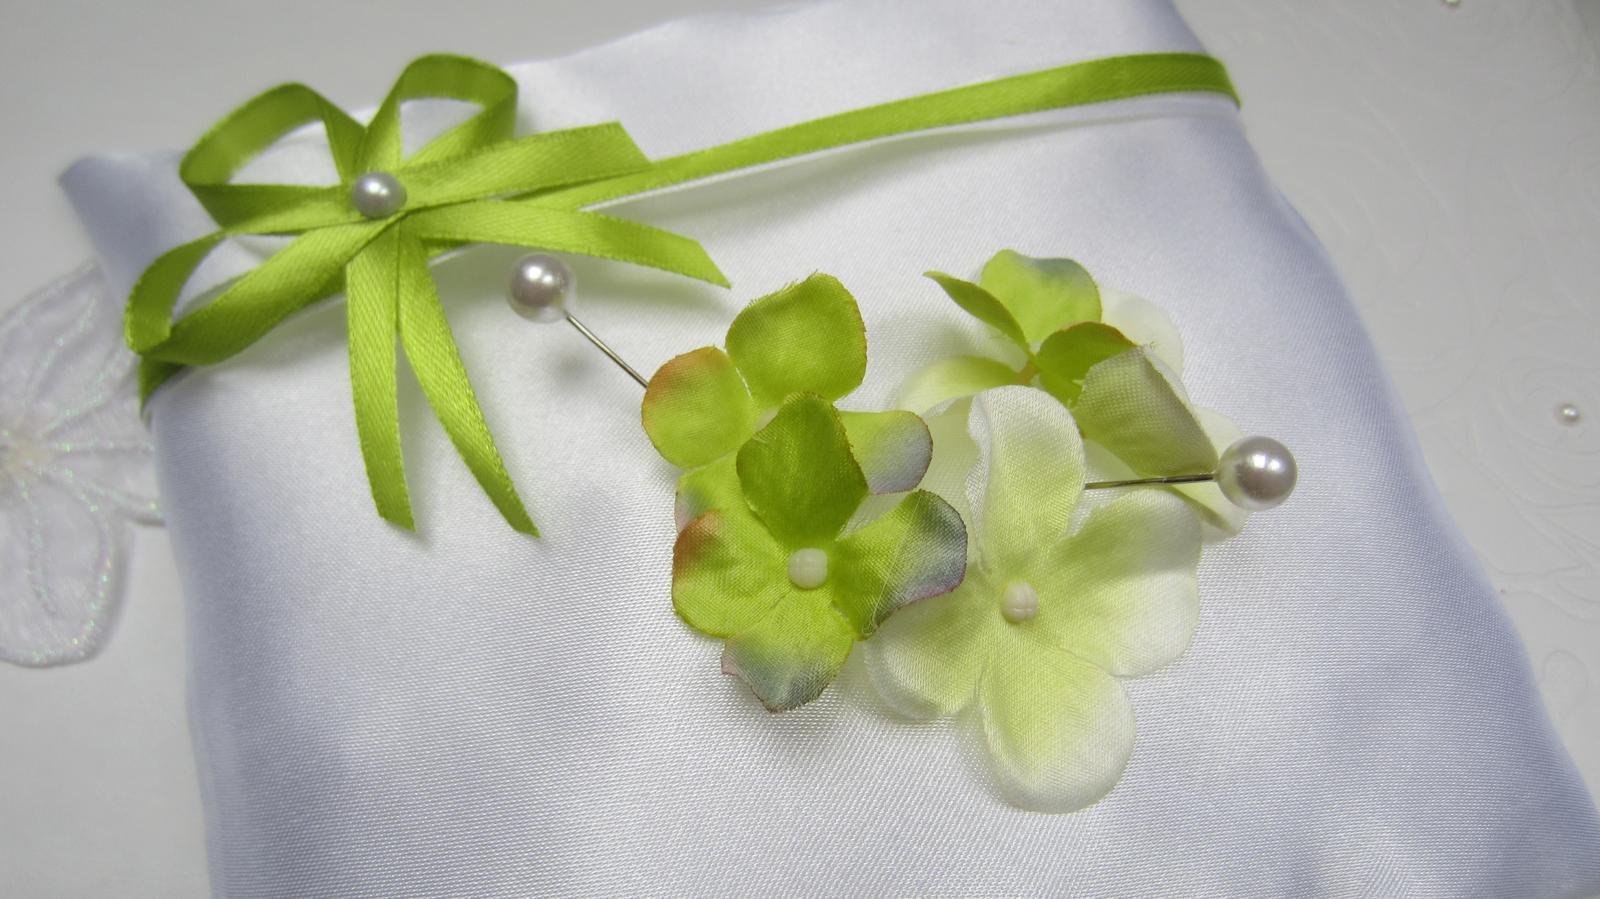 Zelenobílý polštářek pod prstýnky - Obrázek č. 1